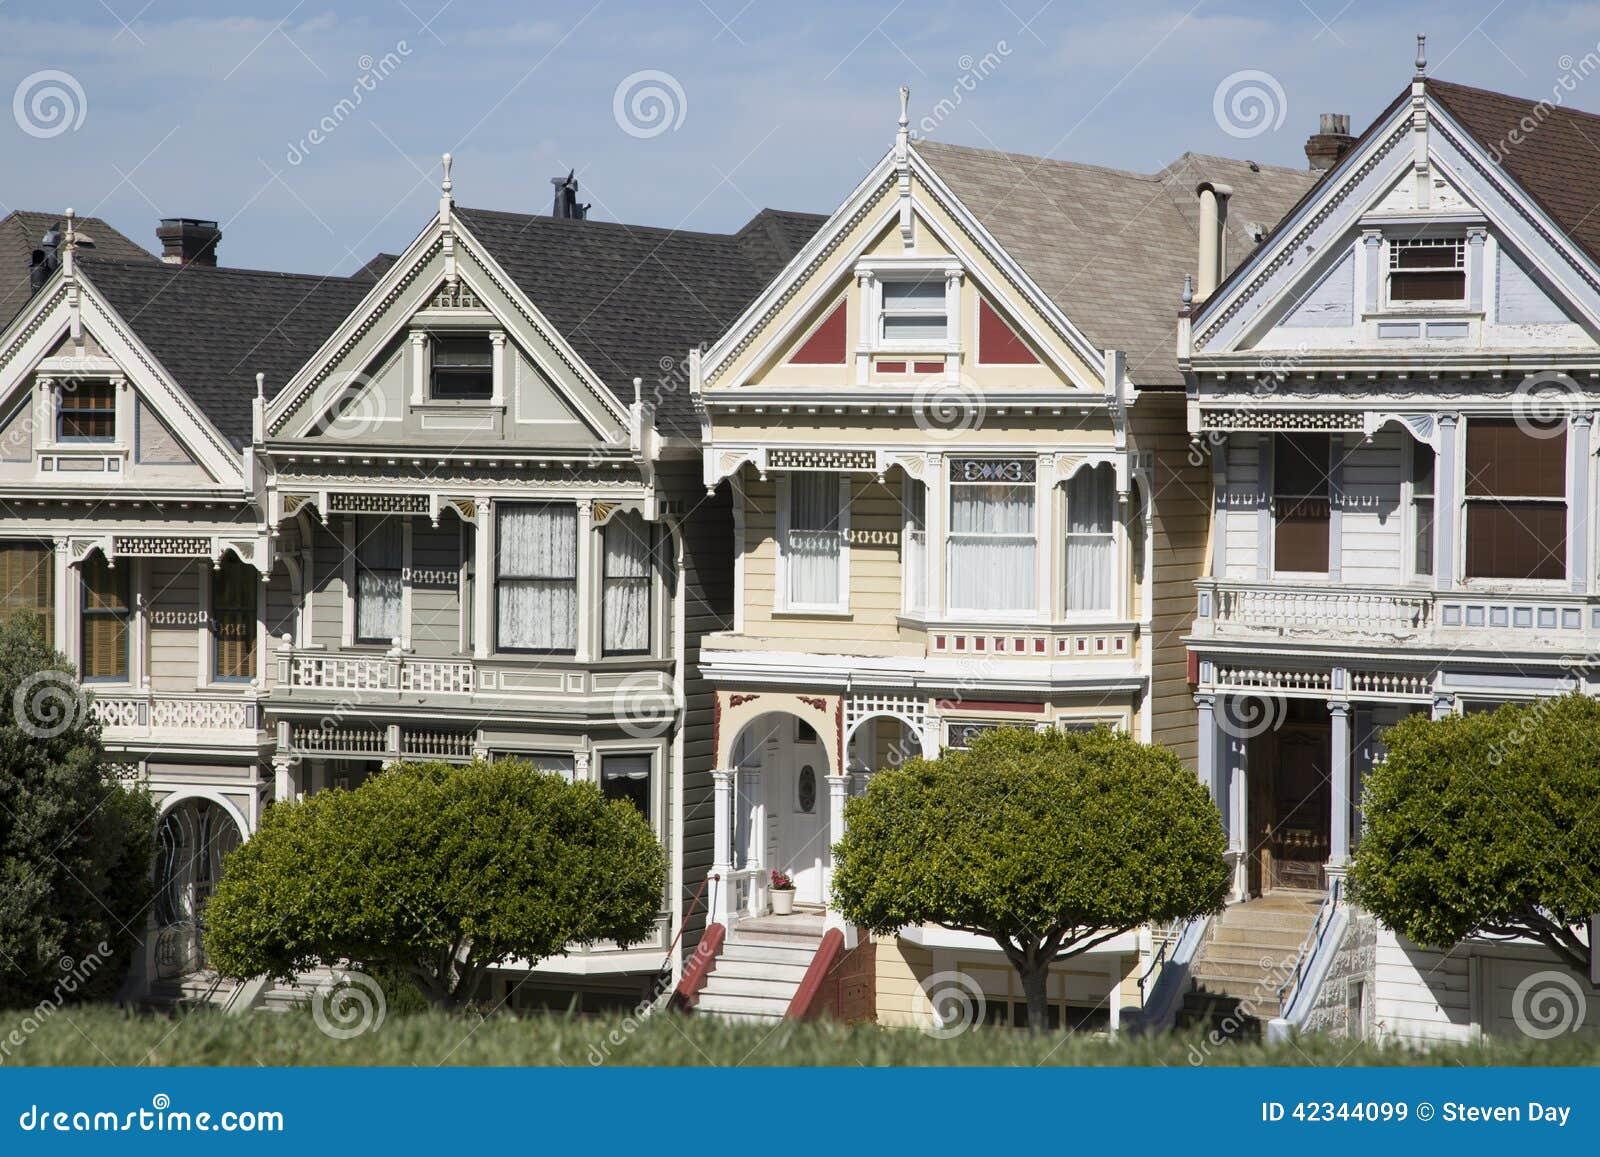 Los Cuatro Pintaron Casas De Las Hermanas En San Francisco California Imagen De Archivo Imagen De Pintado Colorido 42344099